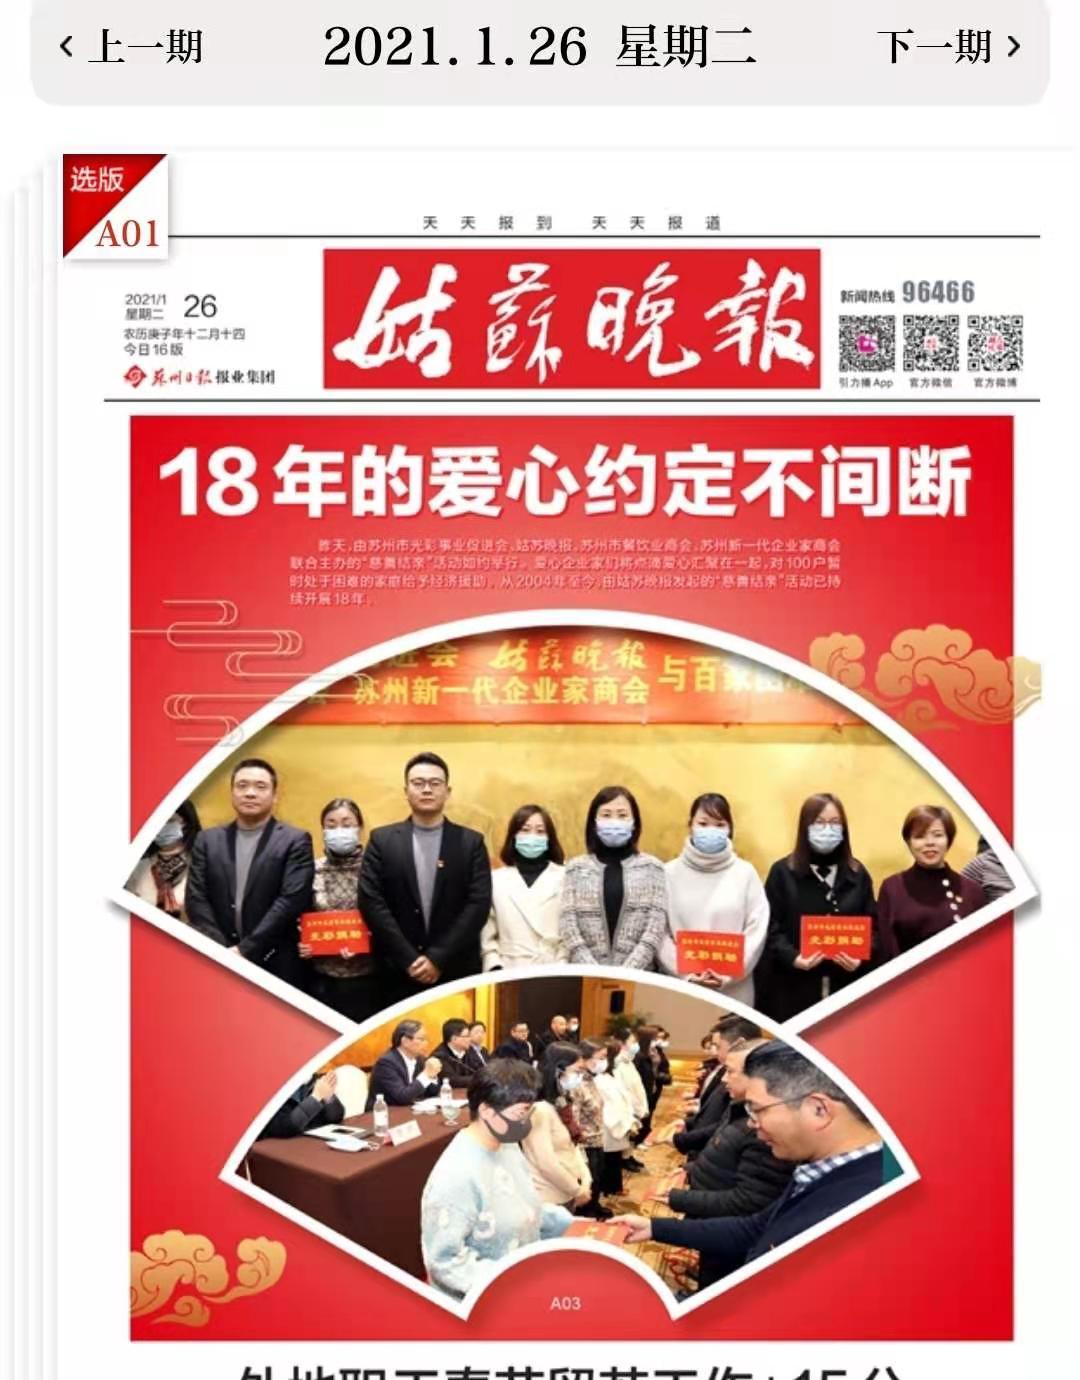 """公司总经理杨昊参加""""慈善结亲""""再向百户困难家庭送温暖活动"""